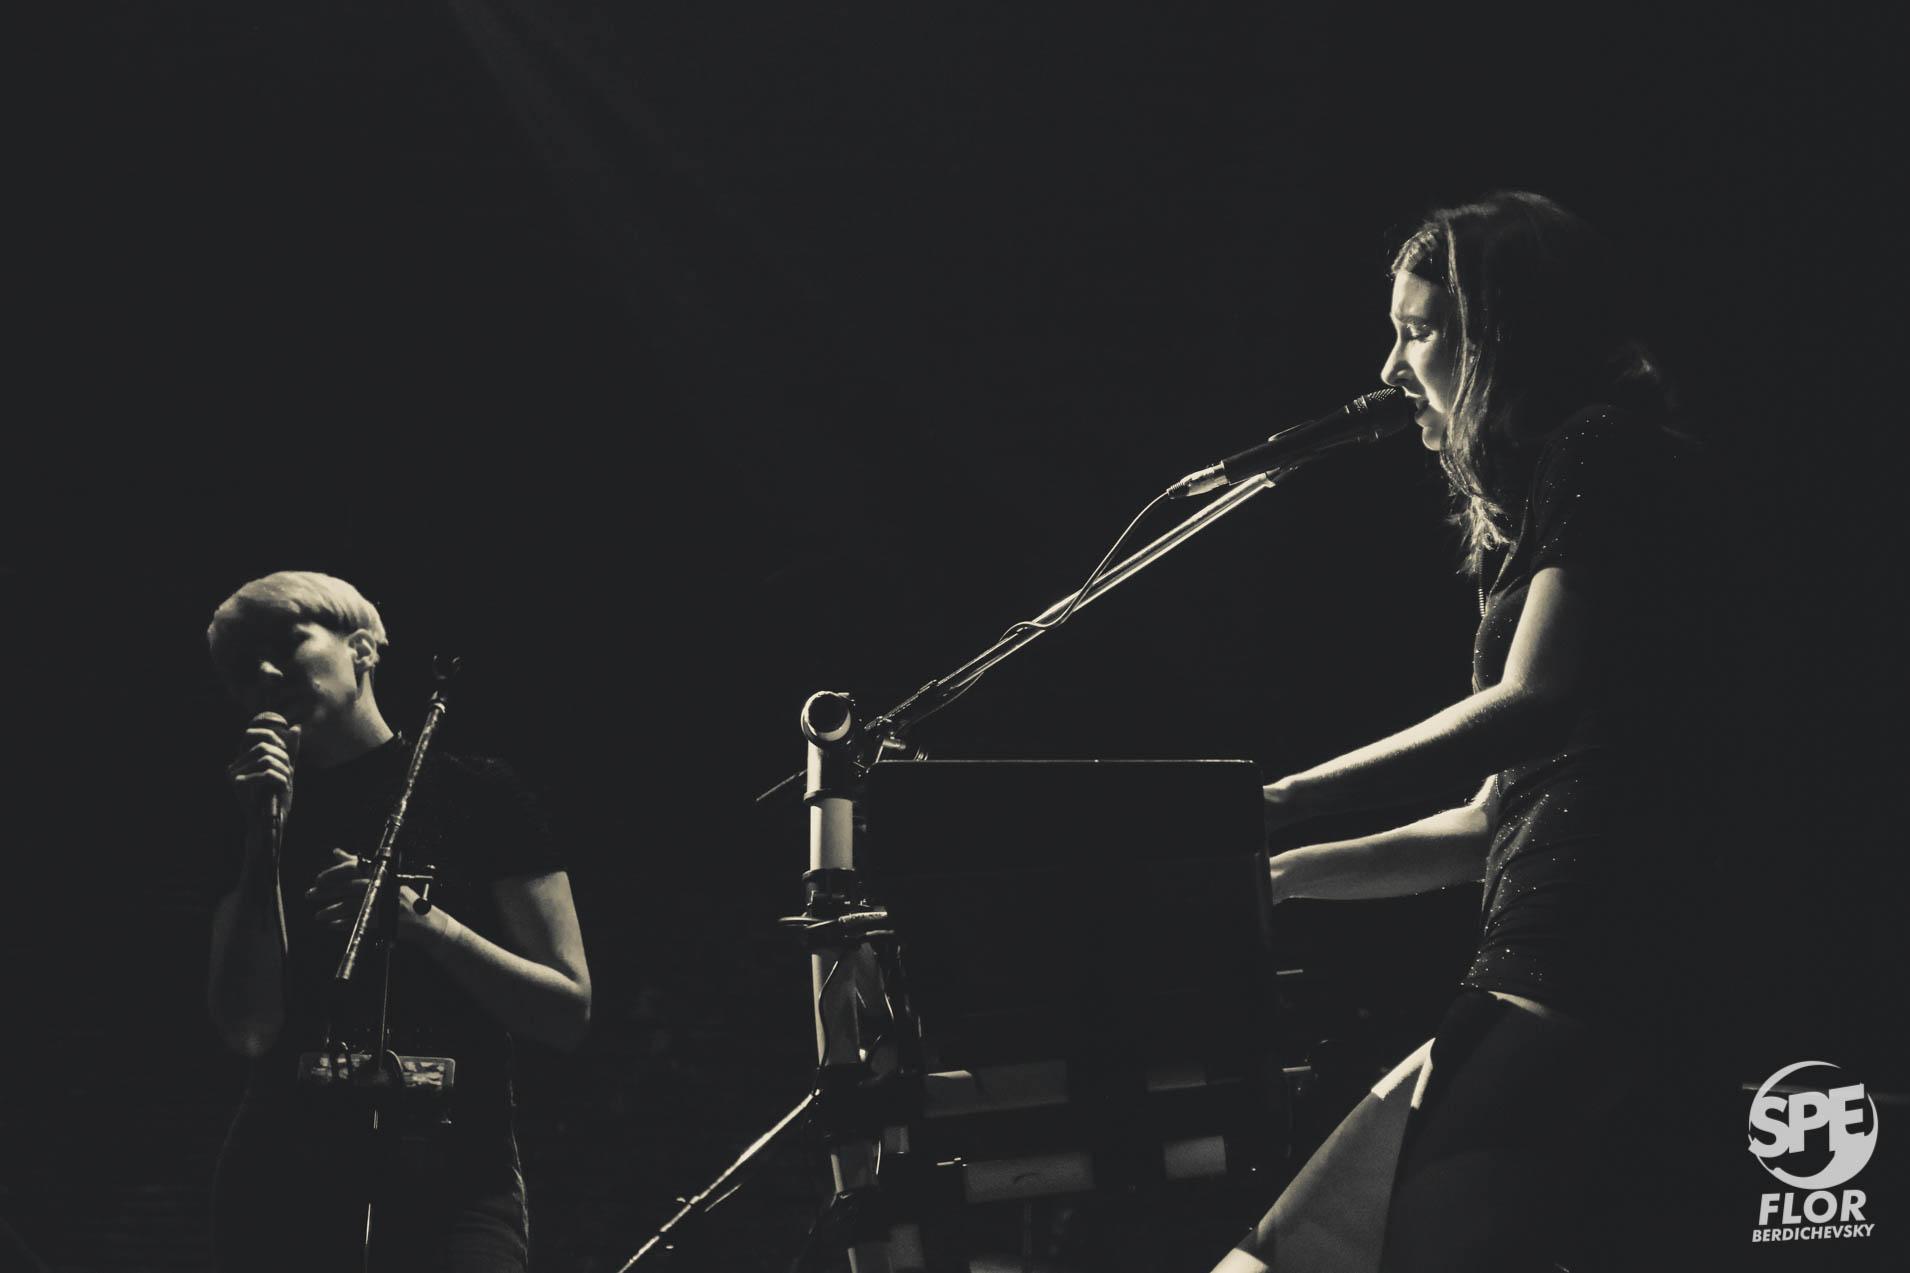 Chita se presentó en el espacio Xirgu (UNTREF), Buenos Aires, Argentina el dia sabado 31 de agosto de 2019. Foto de: Florencia Berdichevsky